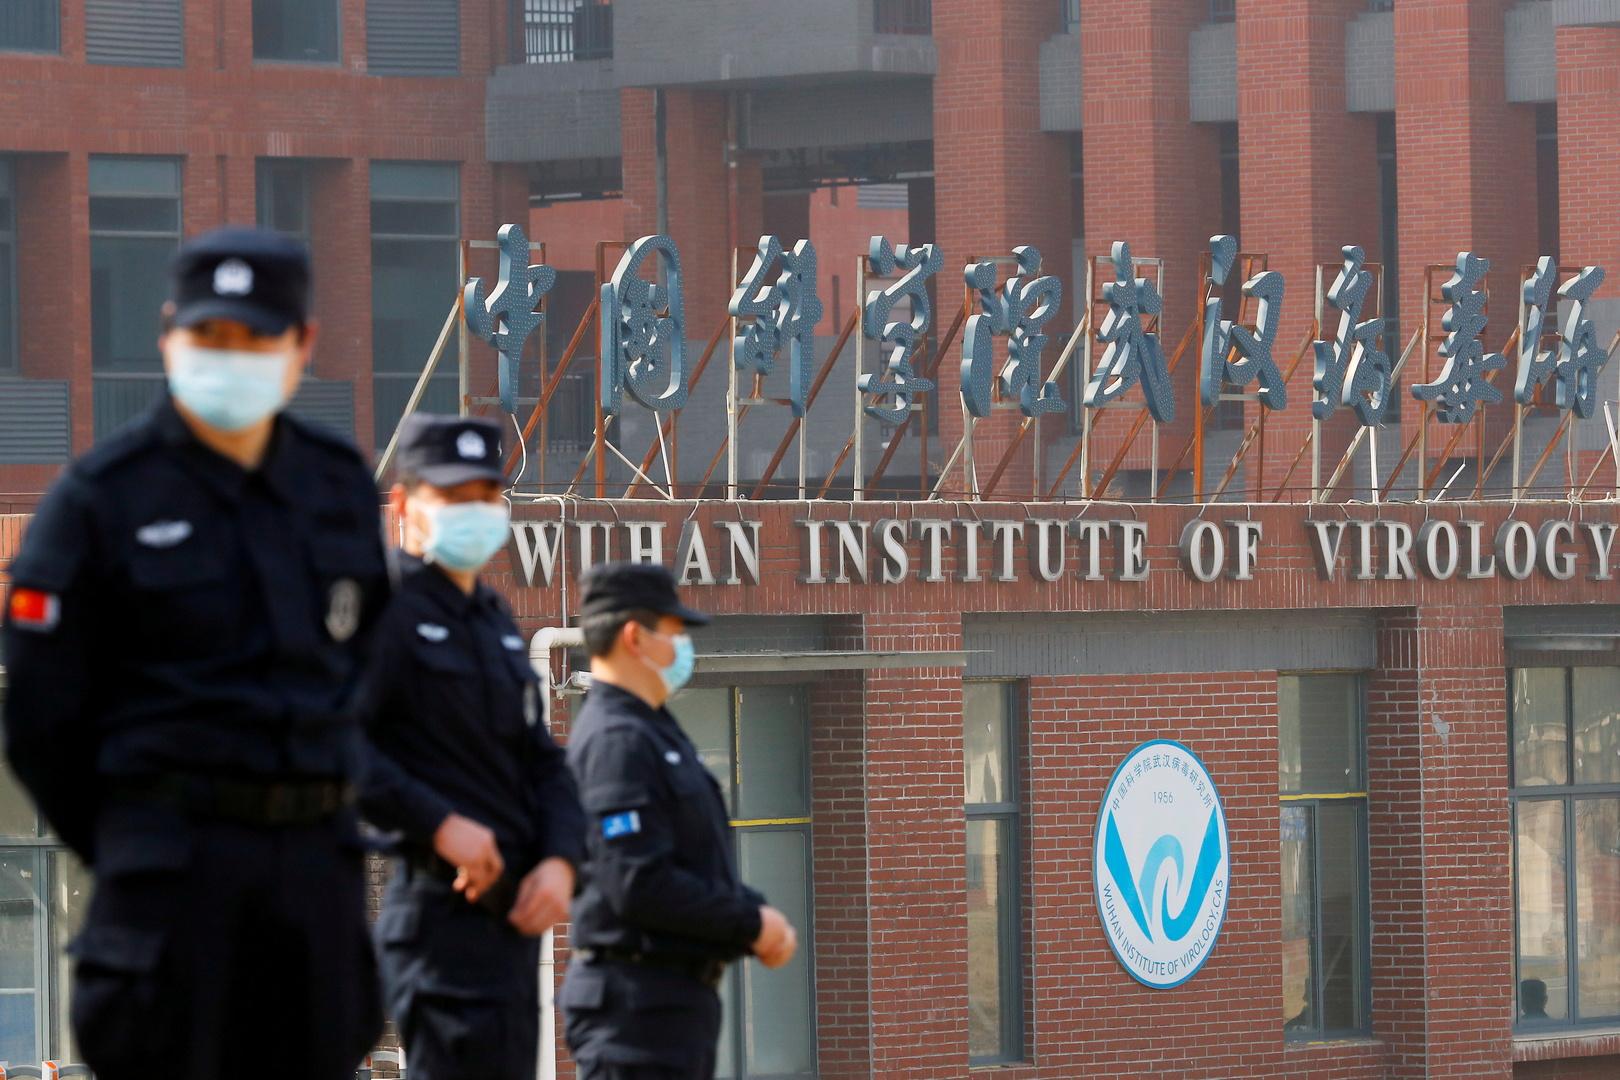 معهد علم الفيروسات في مدينة ووهان الصينية